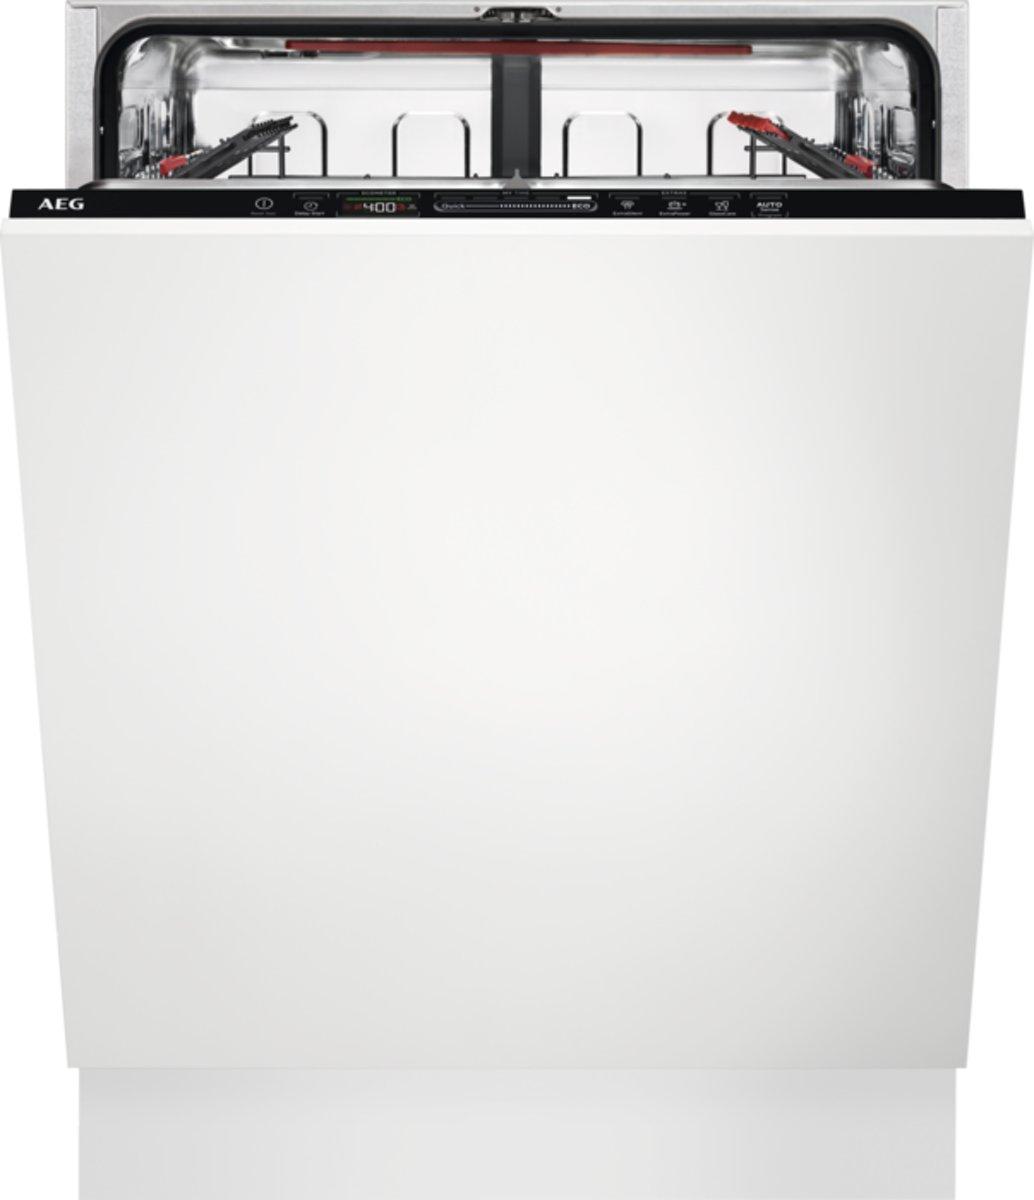 wasmachines hook up Kitchen Sink